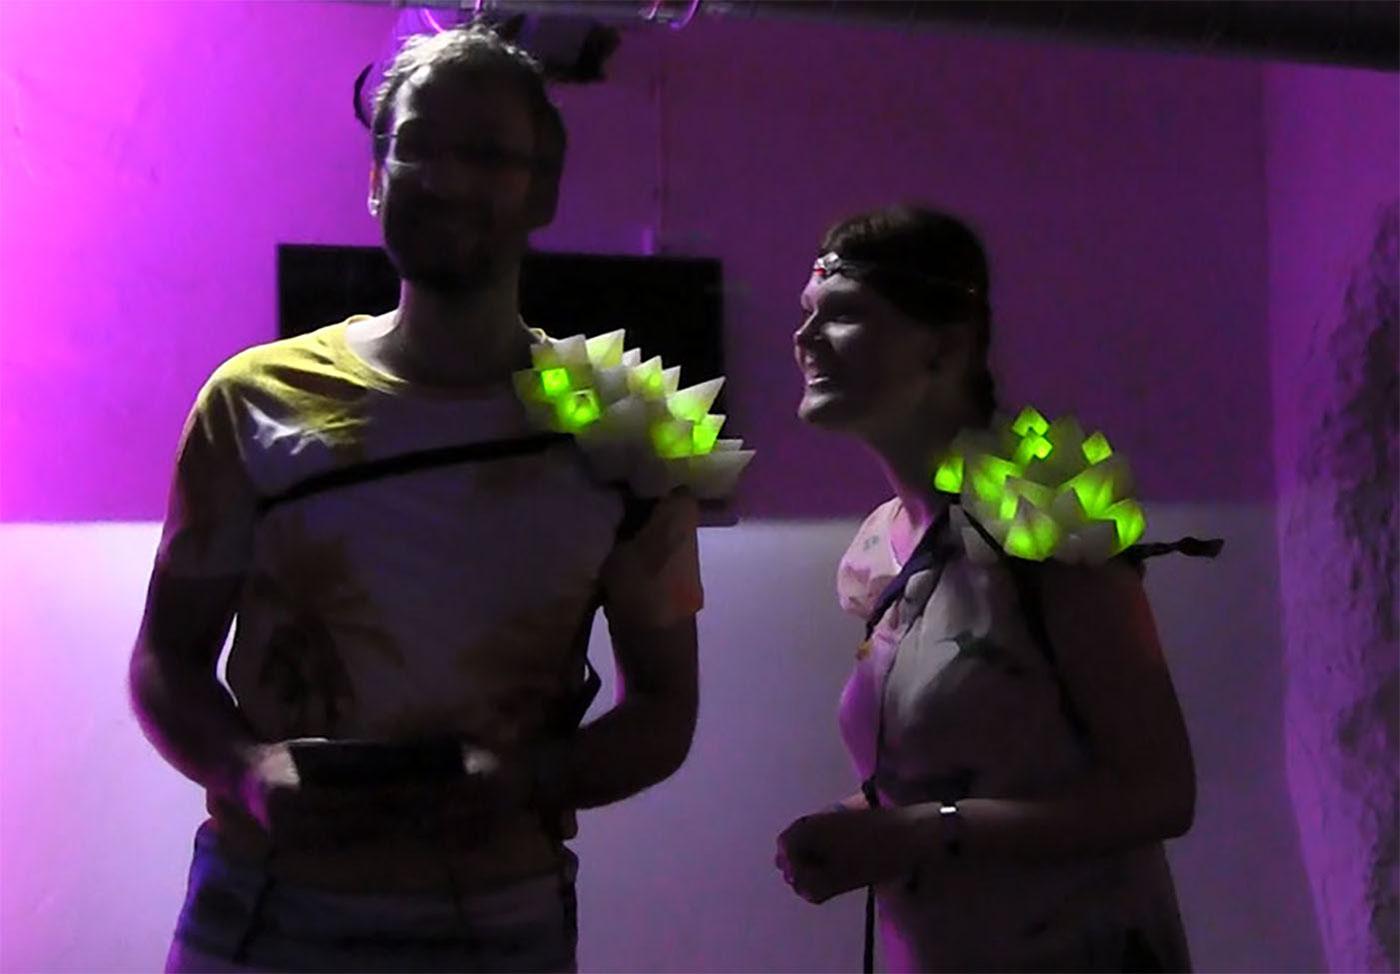 art science nacht groningen matching shoulder piece IR Sensor interactive light Love